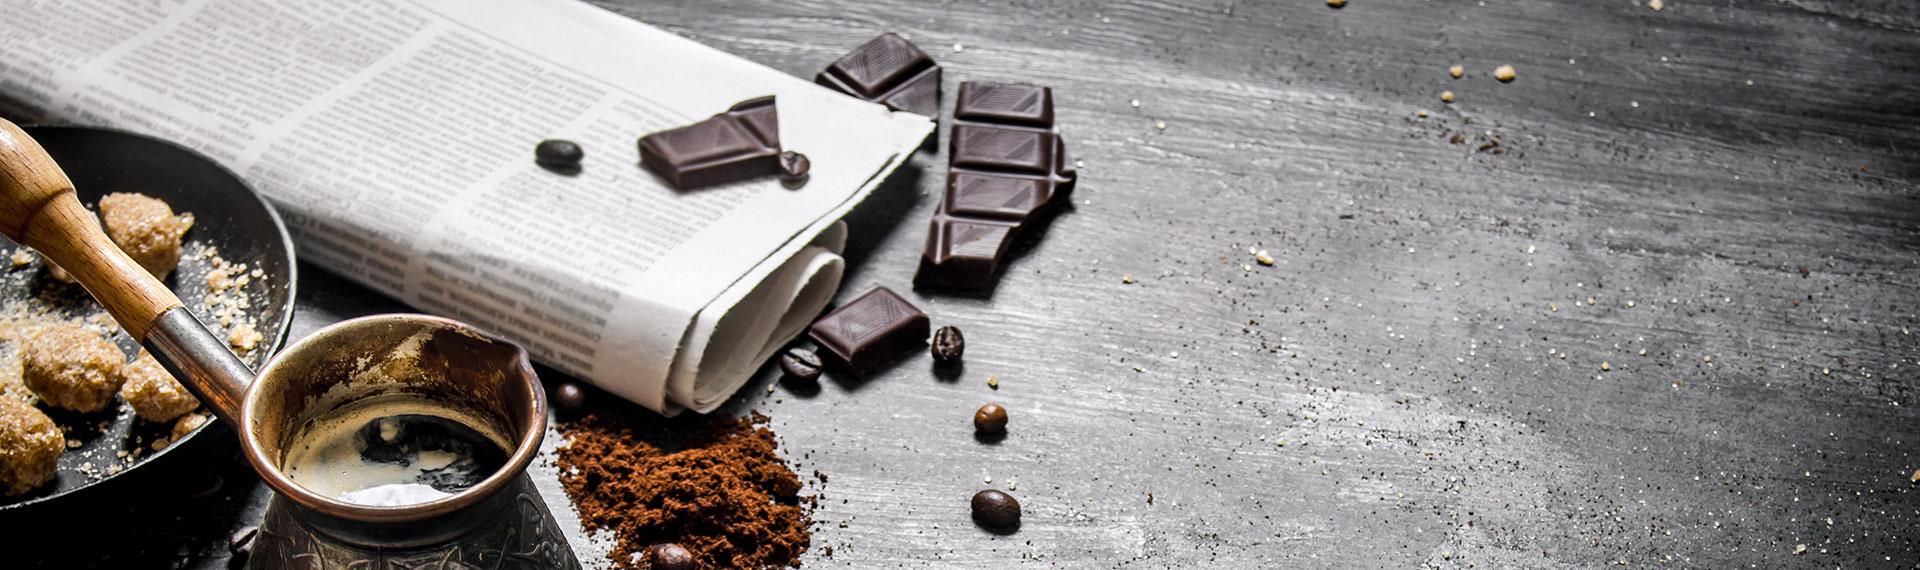 wildbach-schokolade-geschaeftskunden